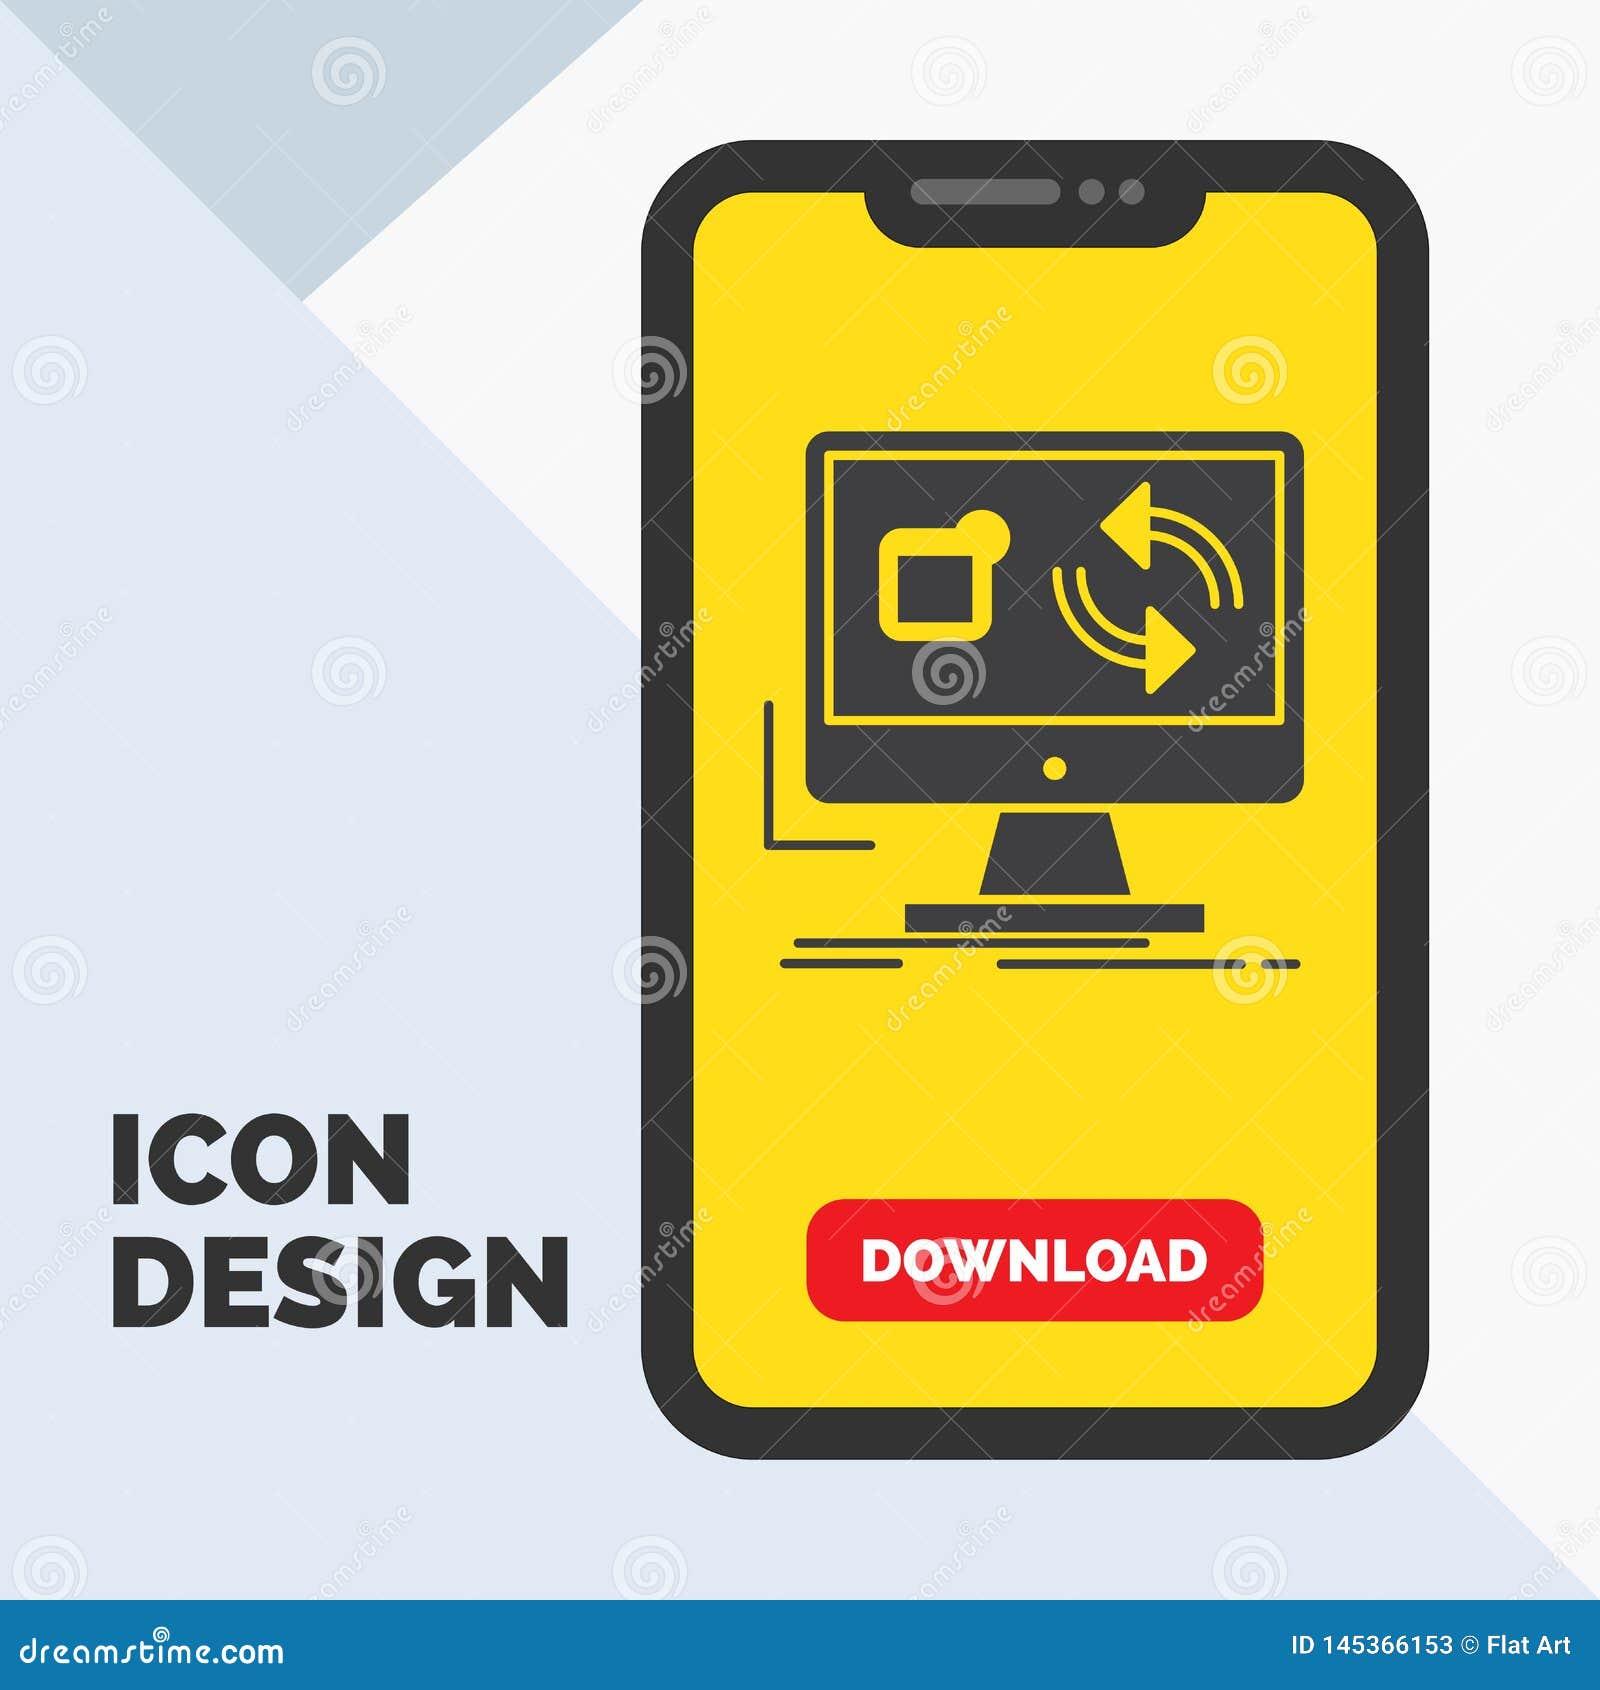 Aktualisierung, App, Anwendung, installieren, Synchronisierung Glyph-Ikone in Mobile für Download-Seite Gelber Hintergrund